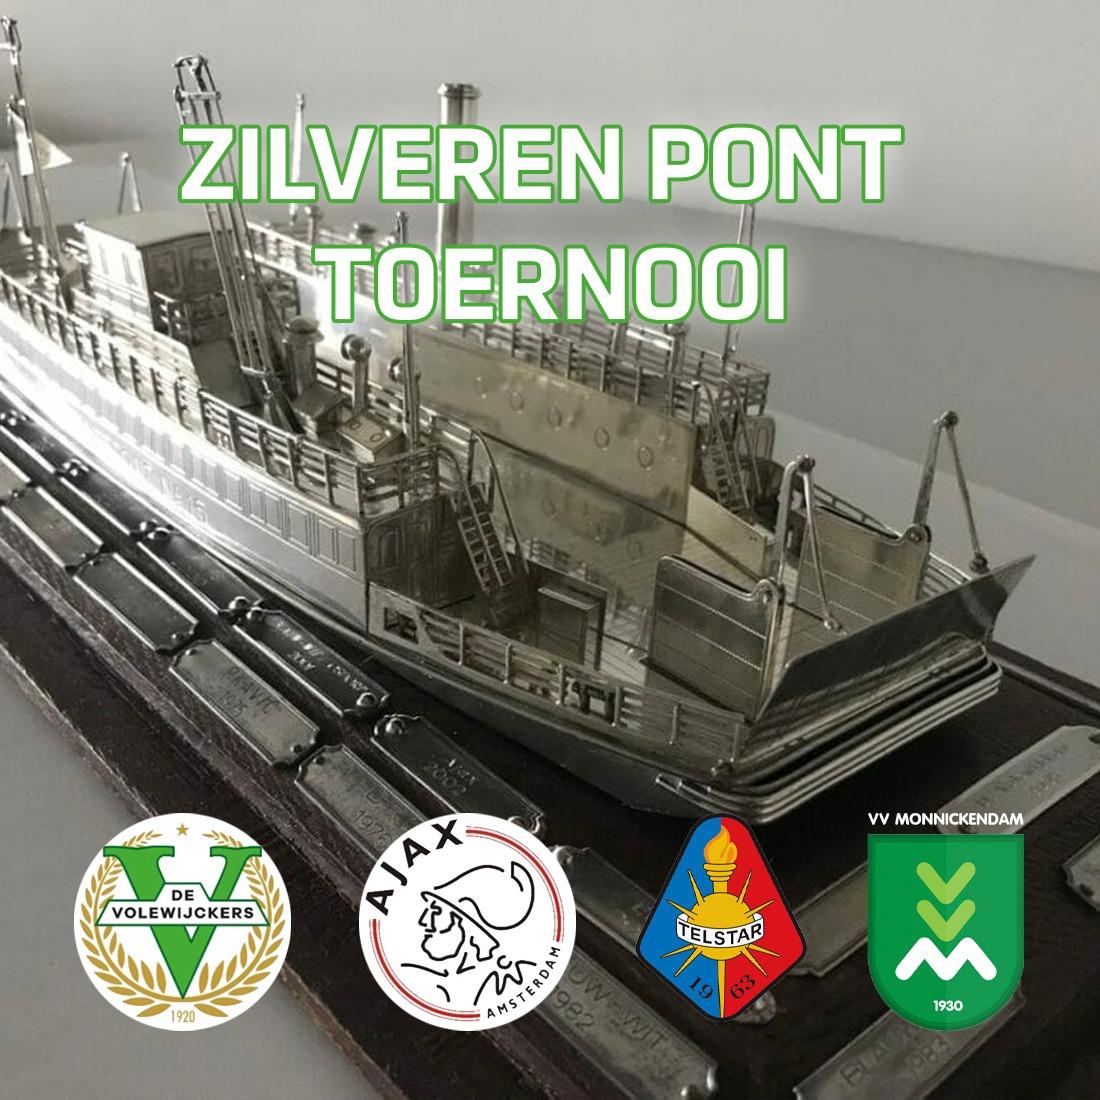 Kom naar het Zilveren Pont Toernooi